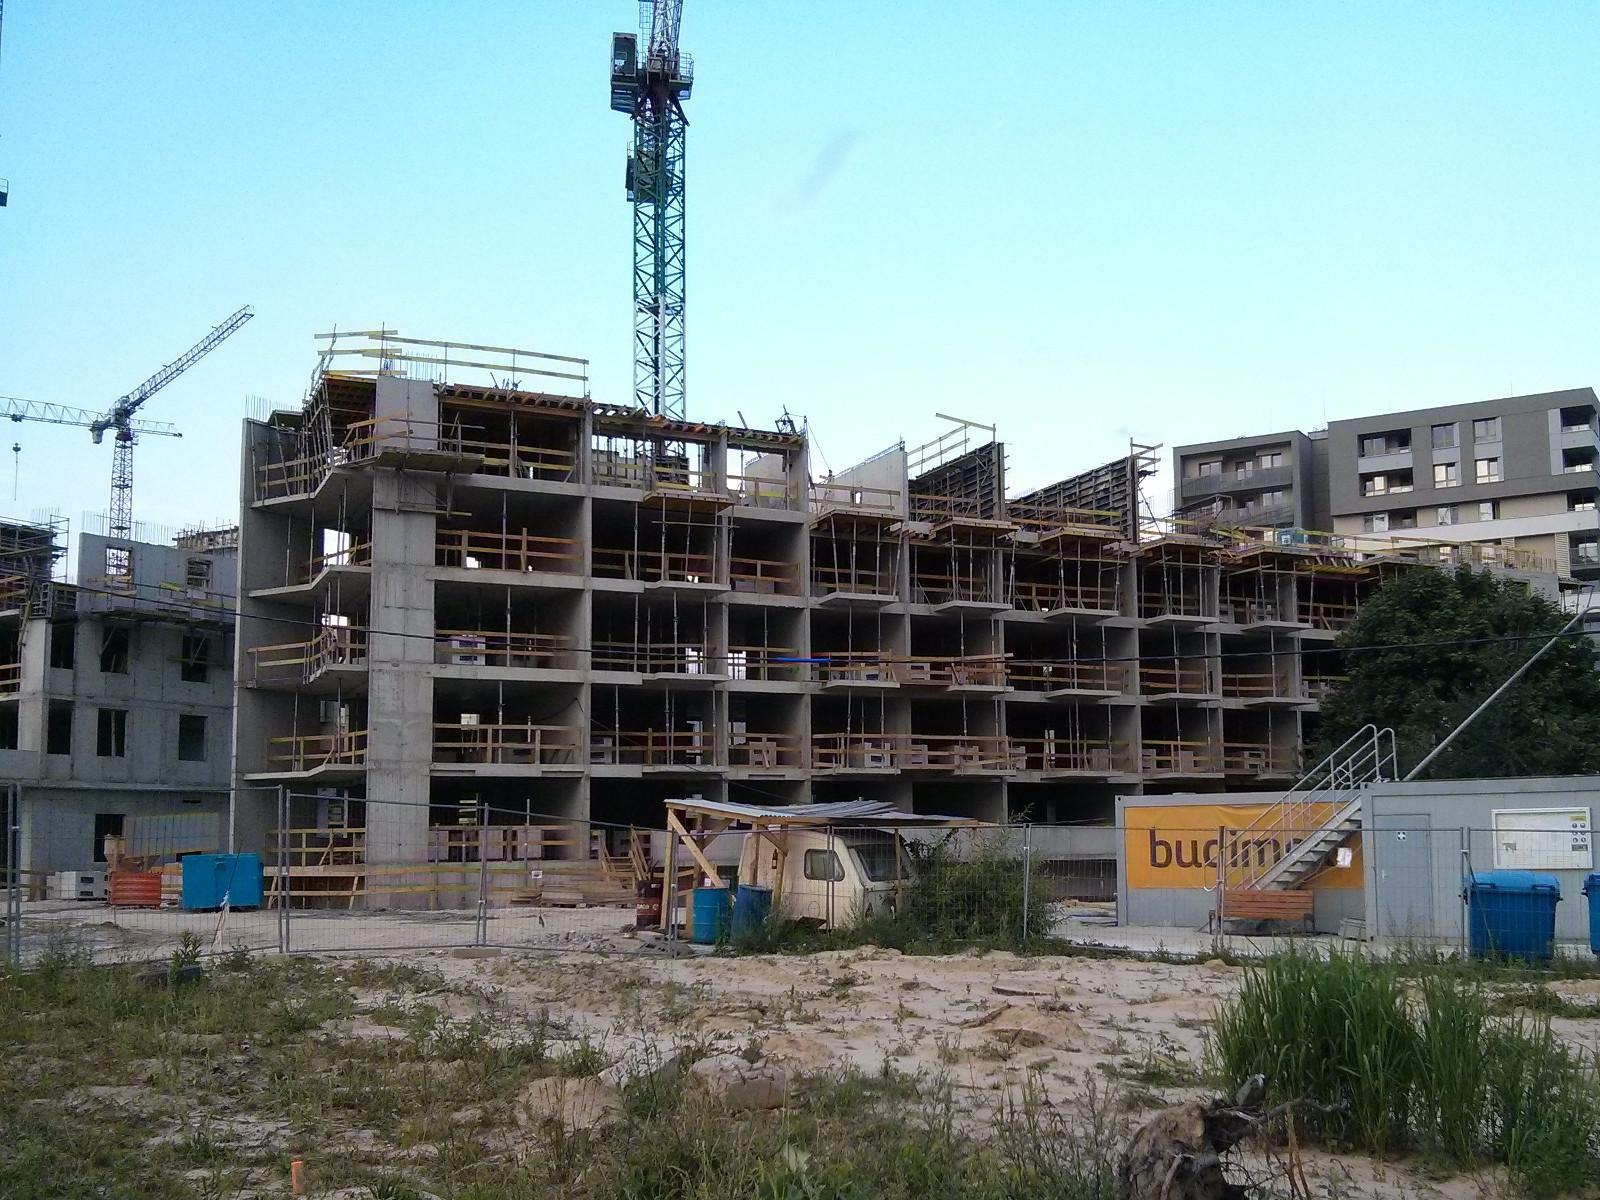 Osiedle Avia 5 - Budimex stawia IV piętro nieruchomości z mieszkaniami